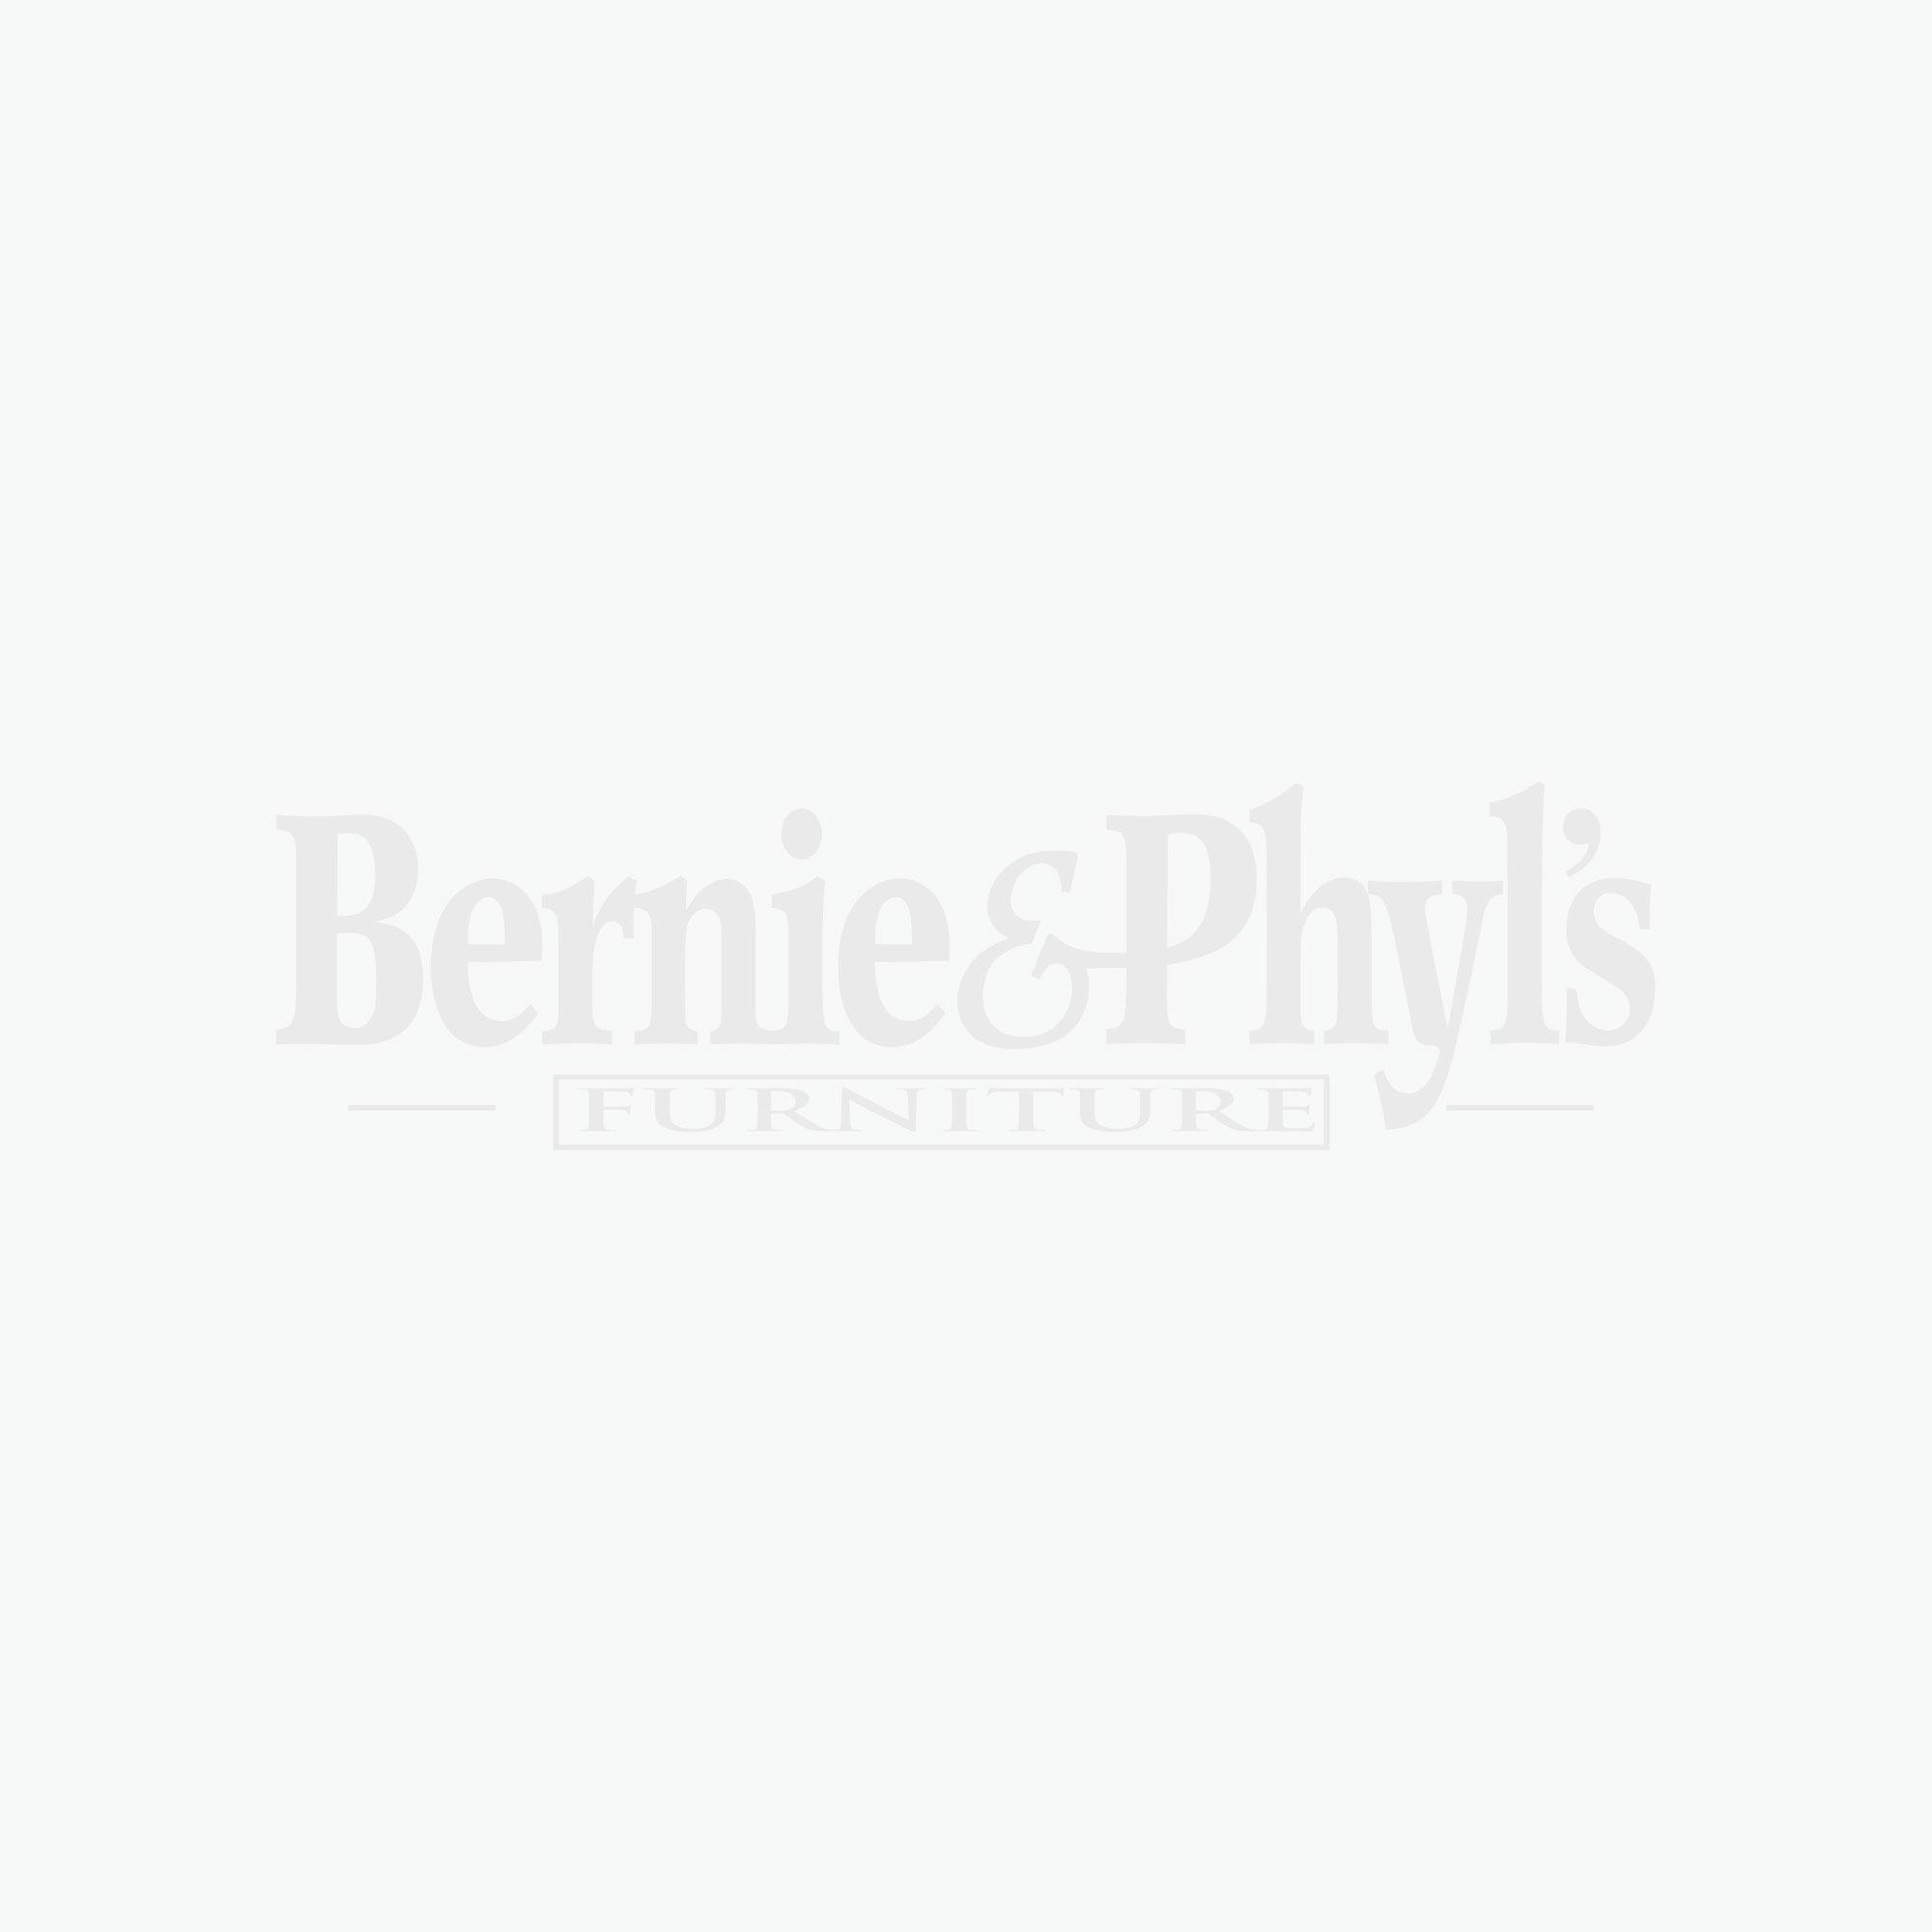 Sealy Posturepedic Copley Square Plush Mattress